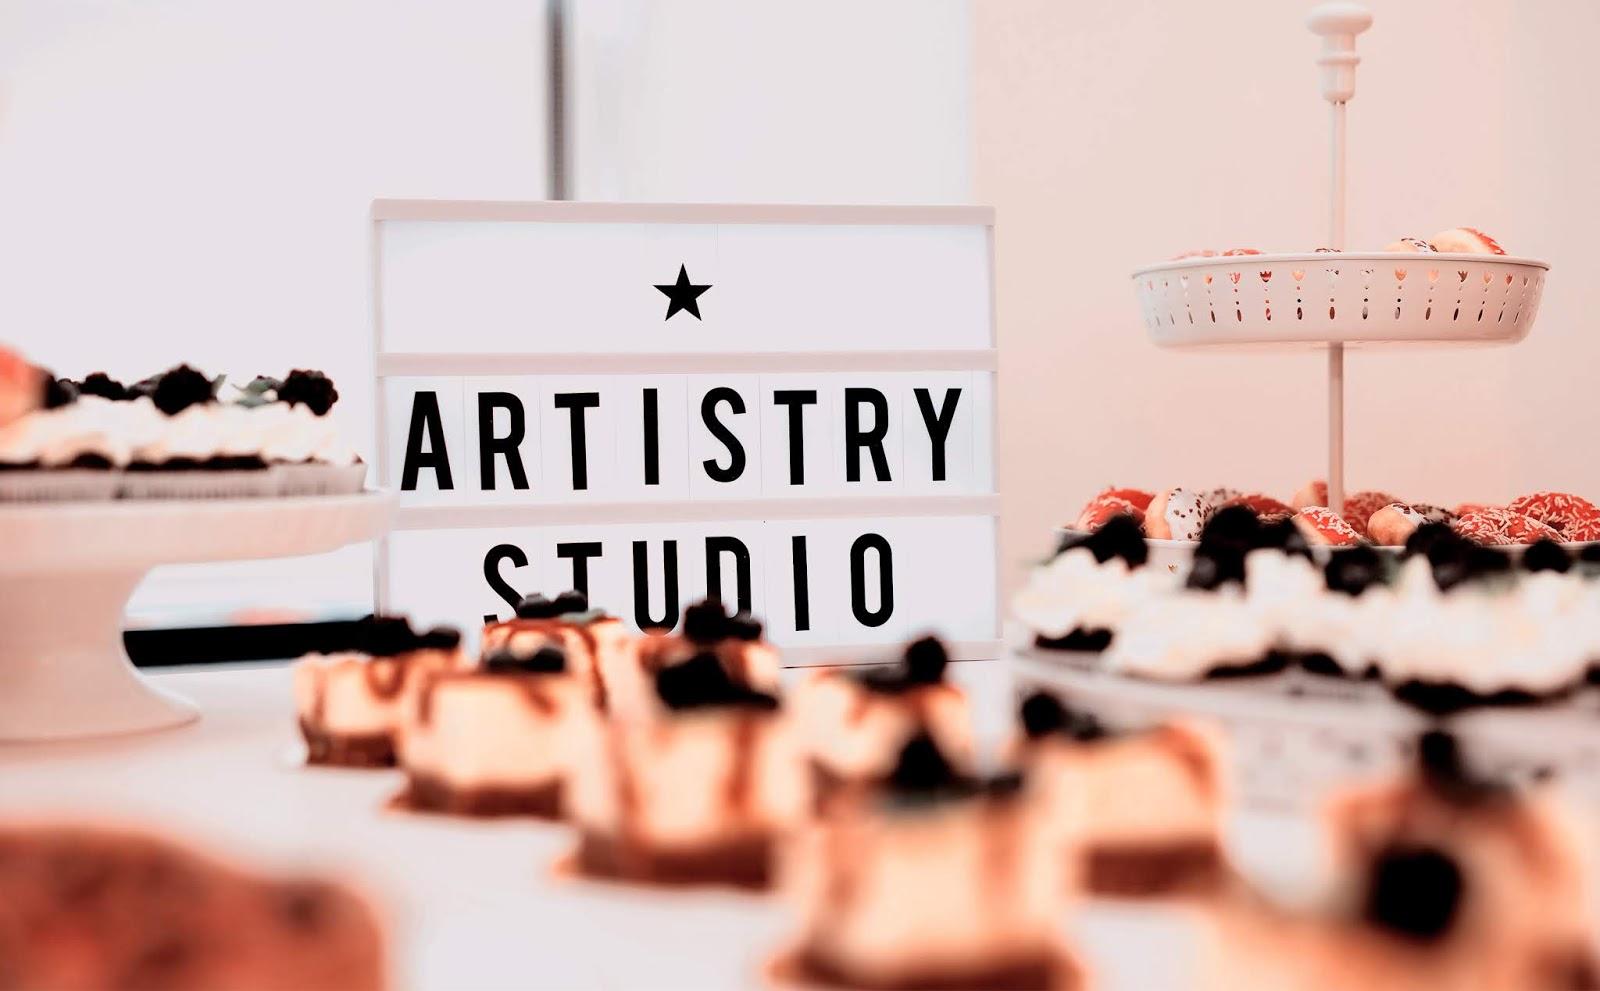 ARTISTRY STUDIO RENGINYS: NEW YORK KOLEKCIJA